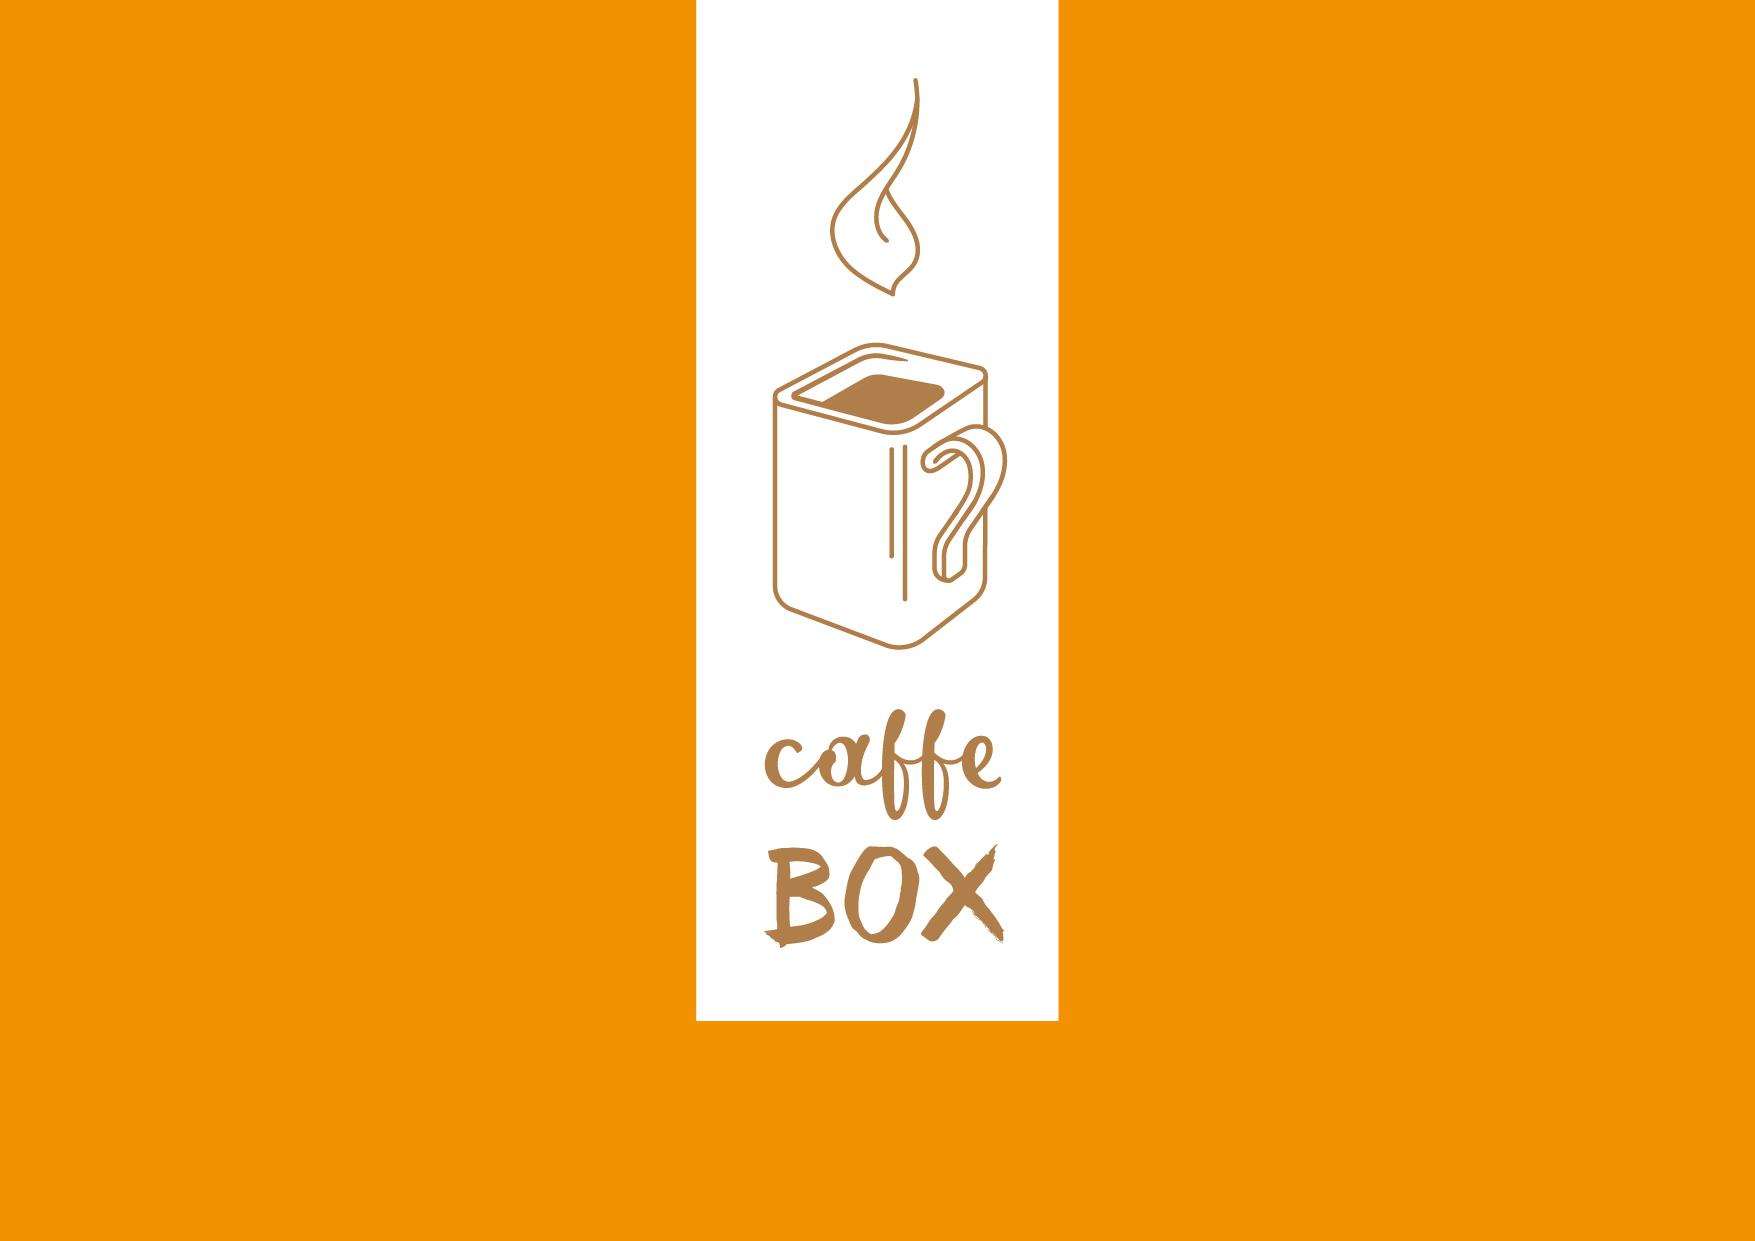 Требуется очень срочно разработать логотип кофейни! фото f_1065a0dca663bf06.jpg